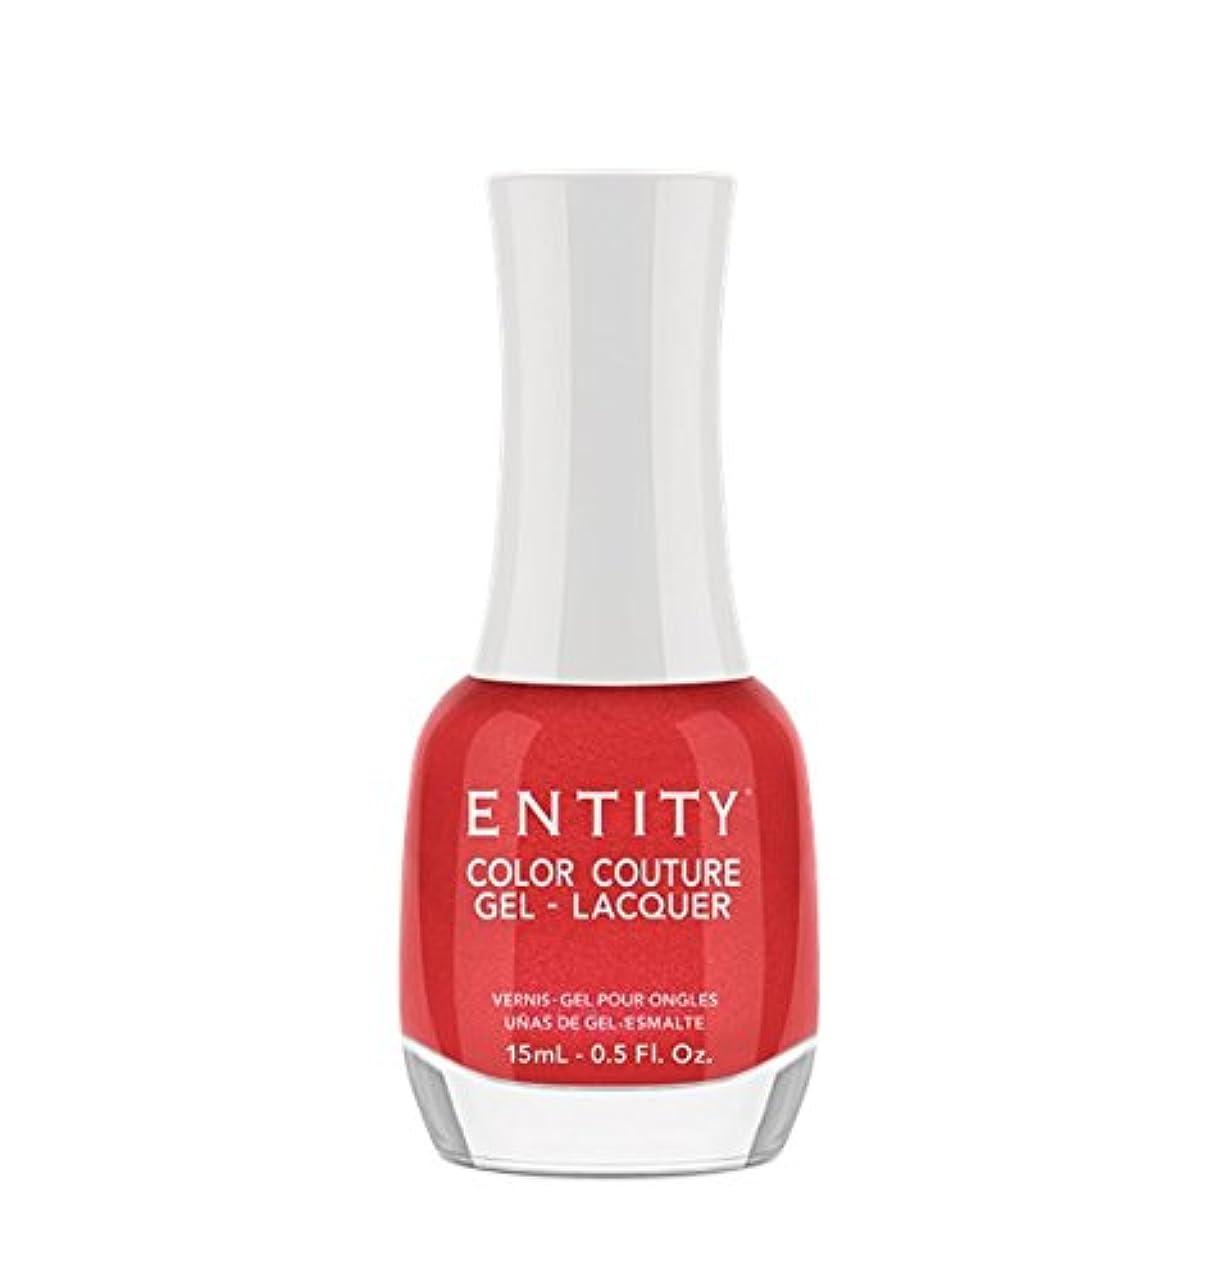 早熟受ける侵略Entity Color Couture Gel-Lacquer - Red Rum Rouge - 15 ml/0.5 oz